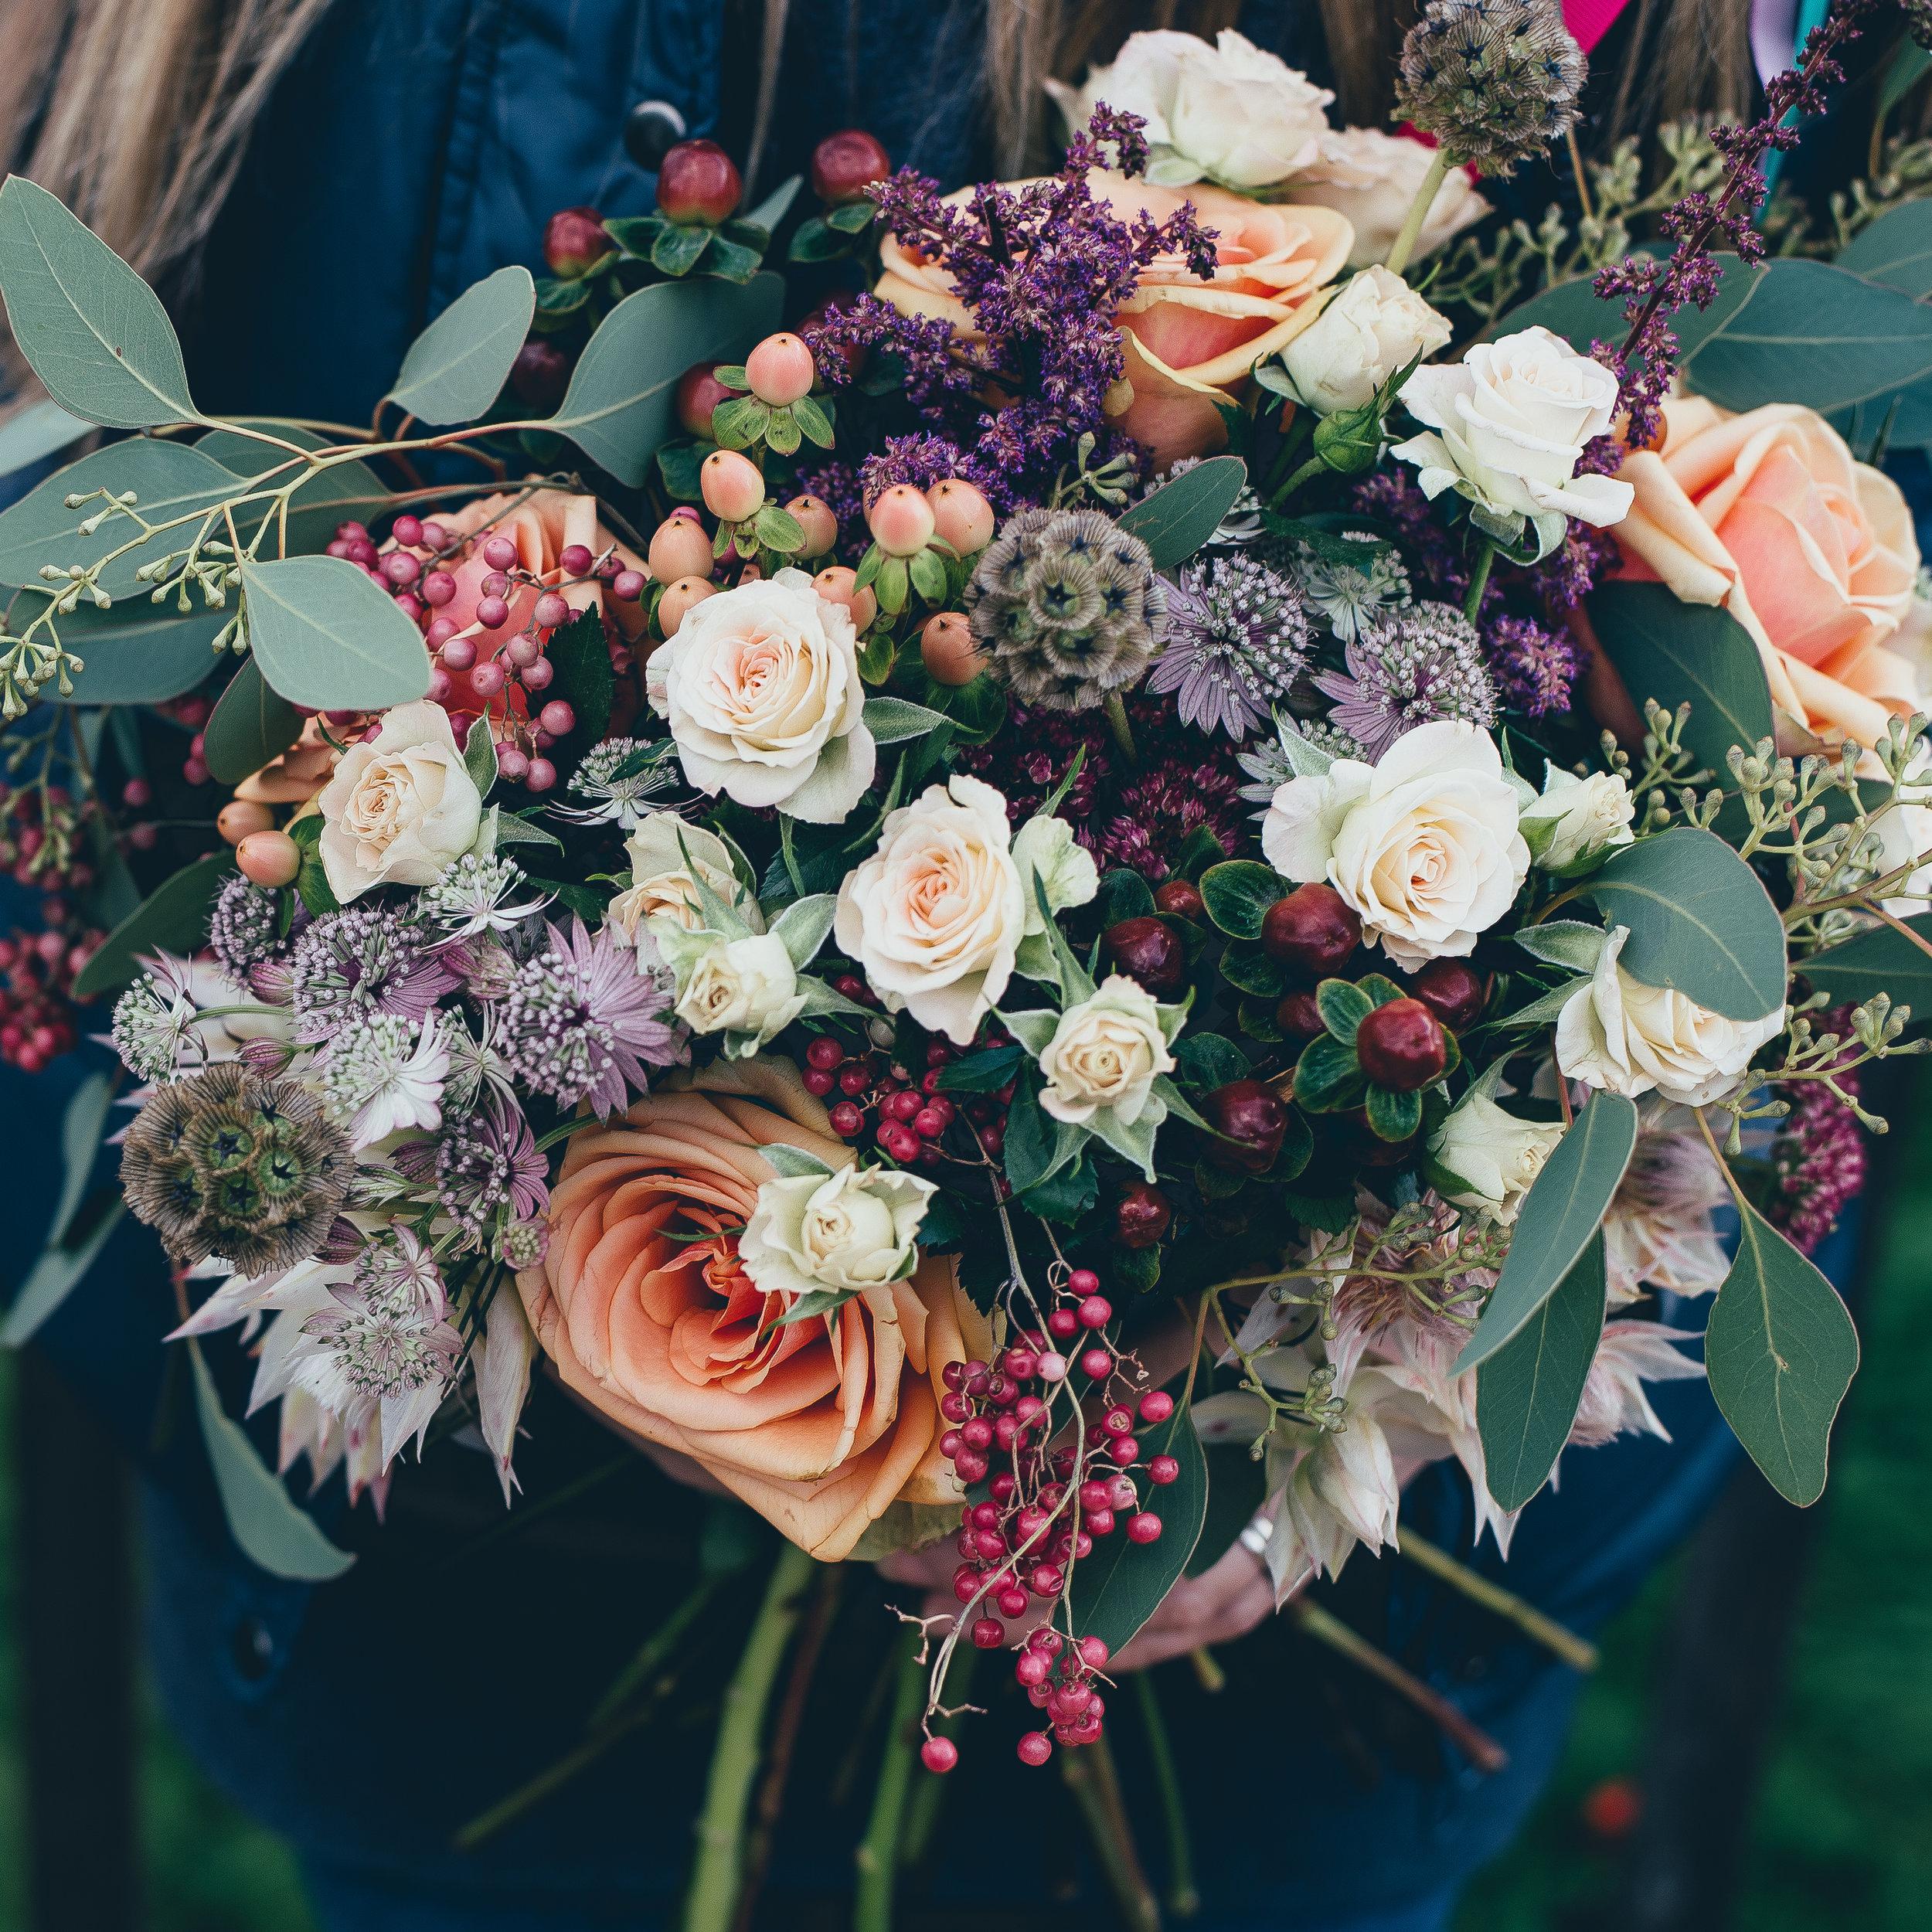 flower-arrangement-flower-host-a-bouquet.jpg